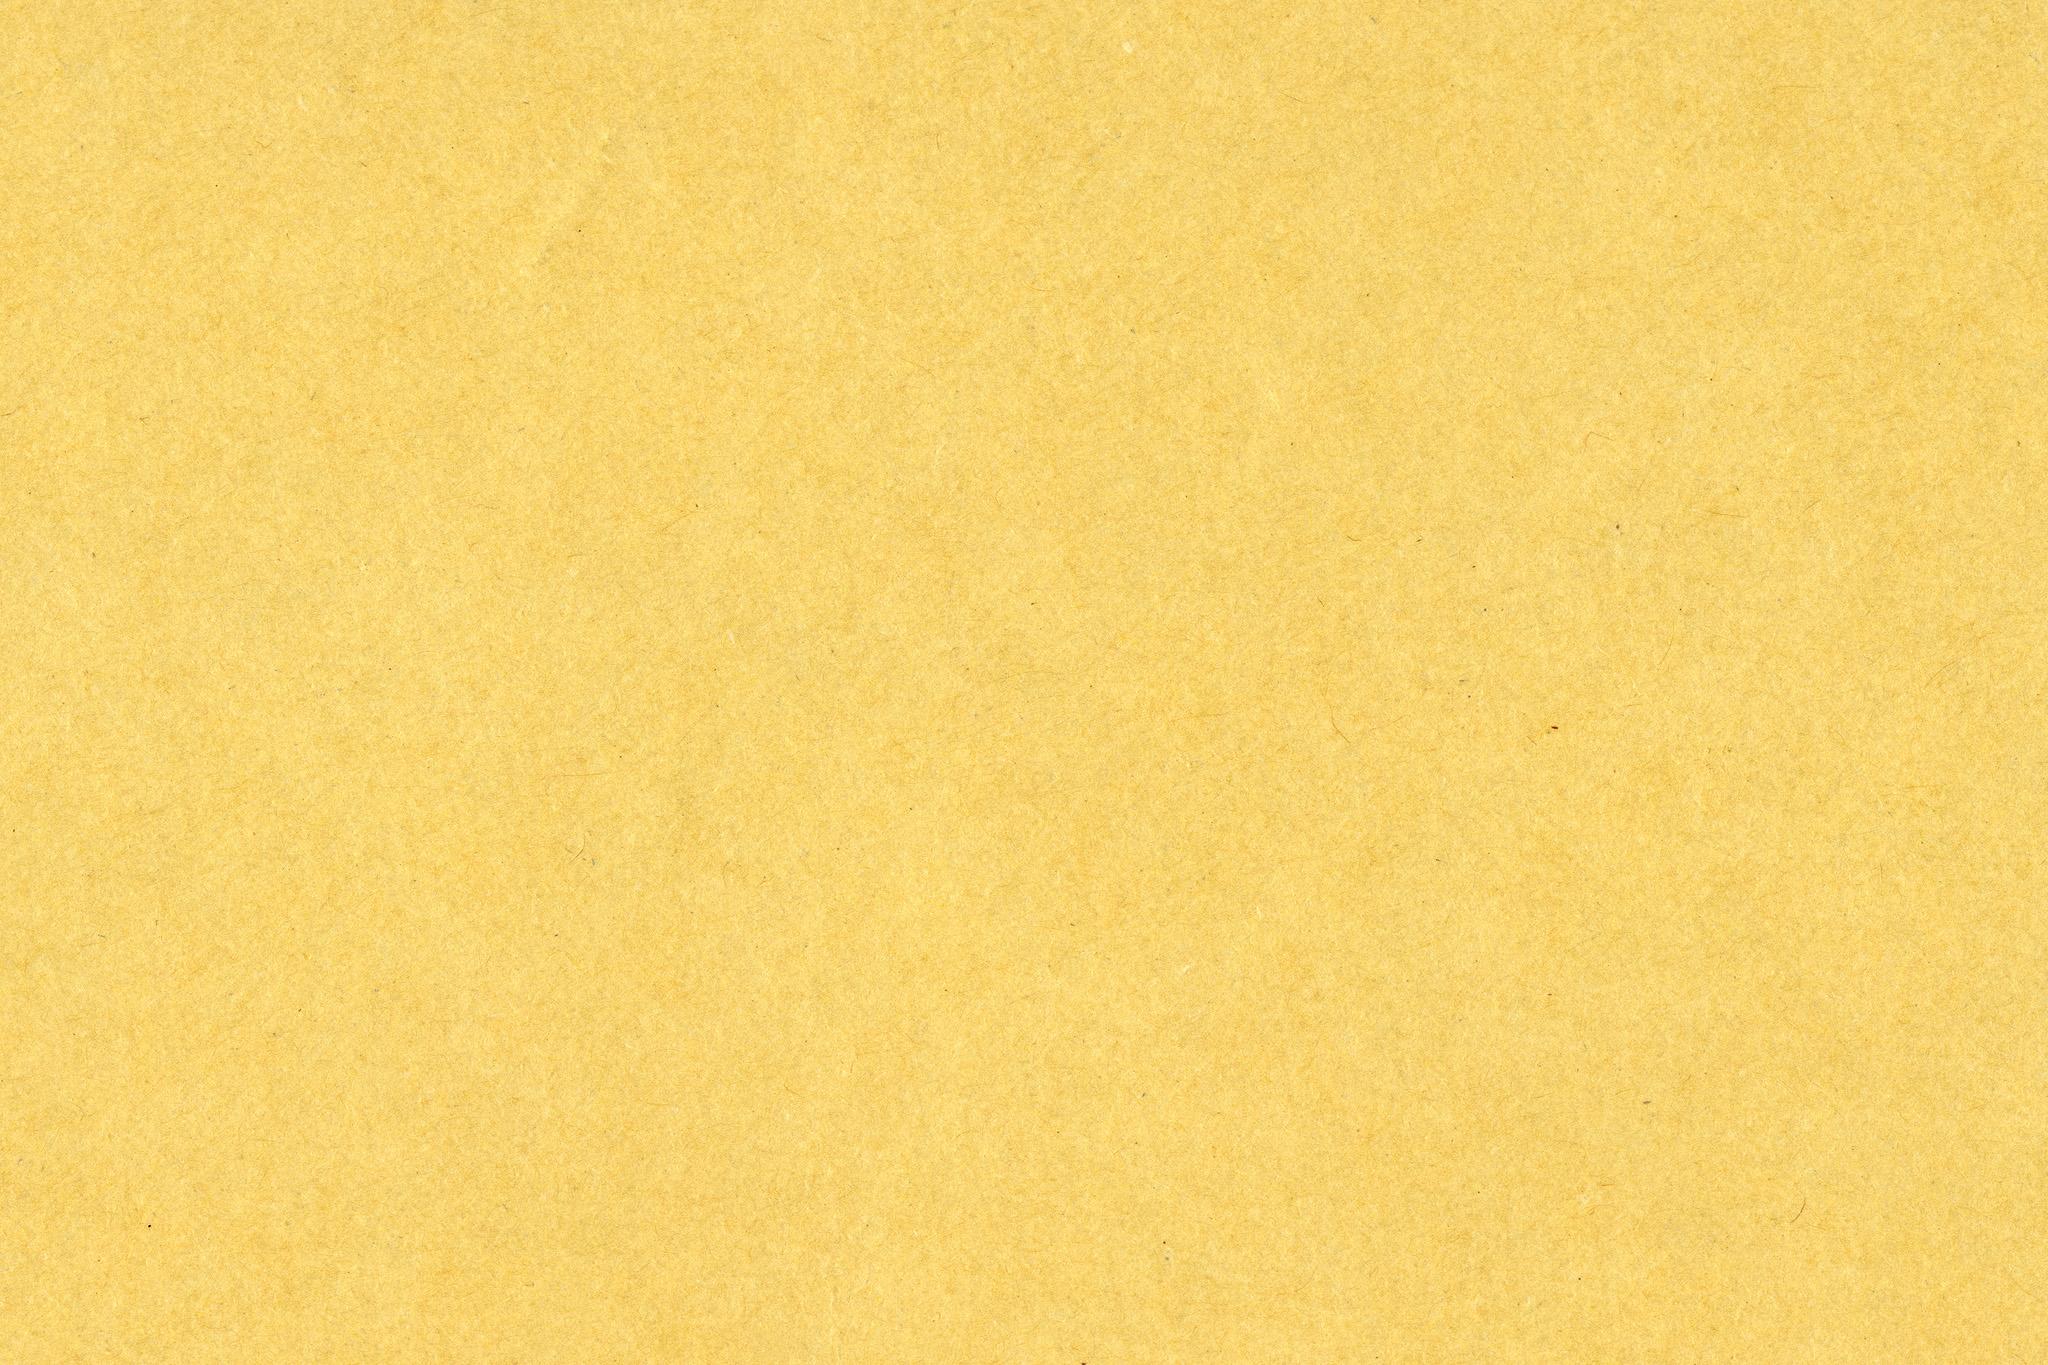 「薄黄色のクラフト紙」